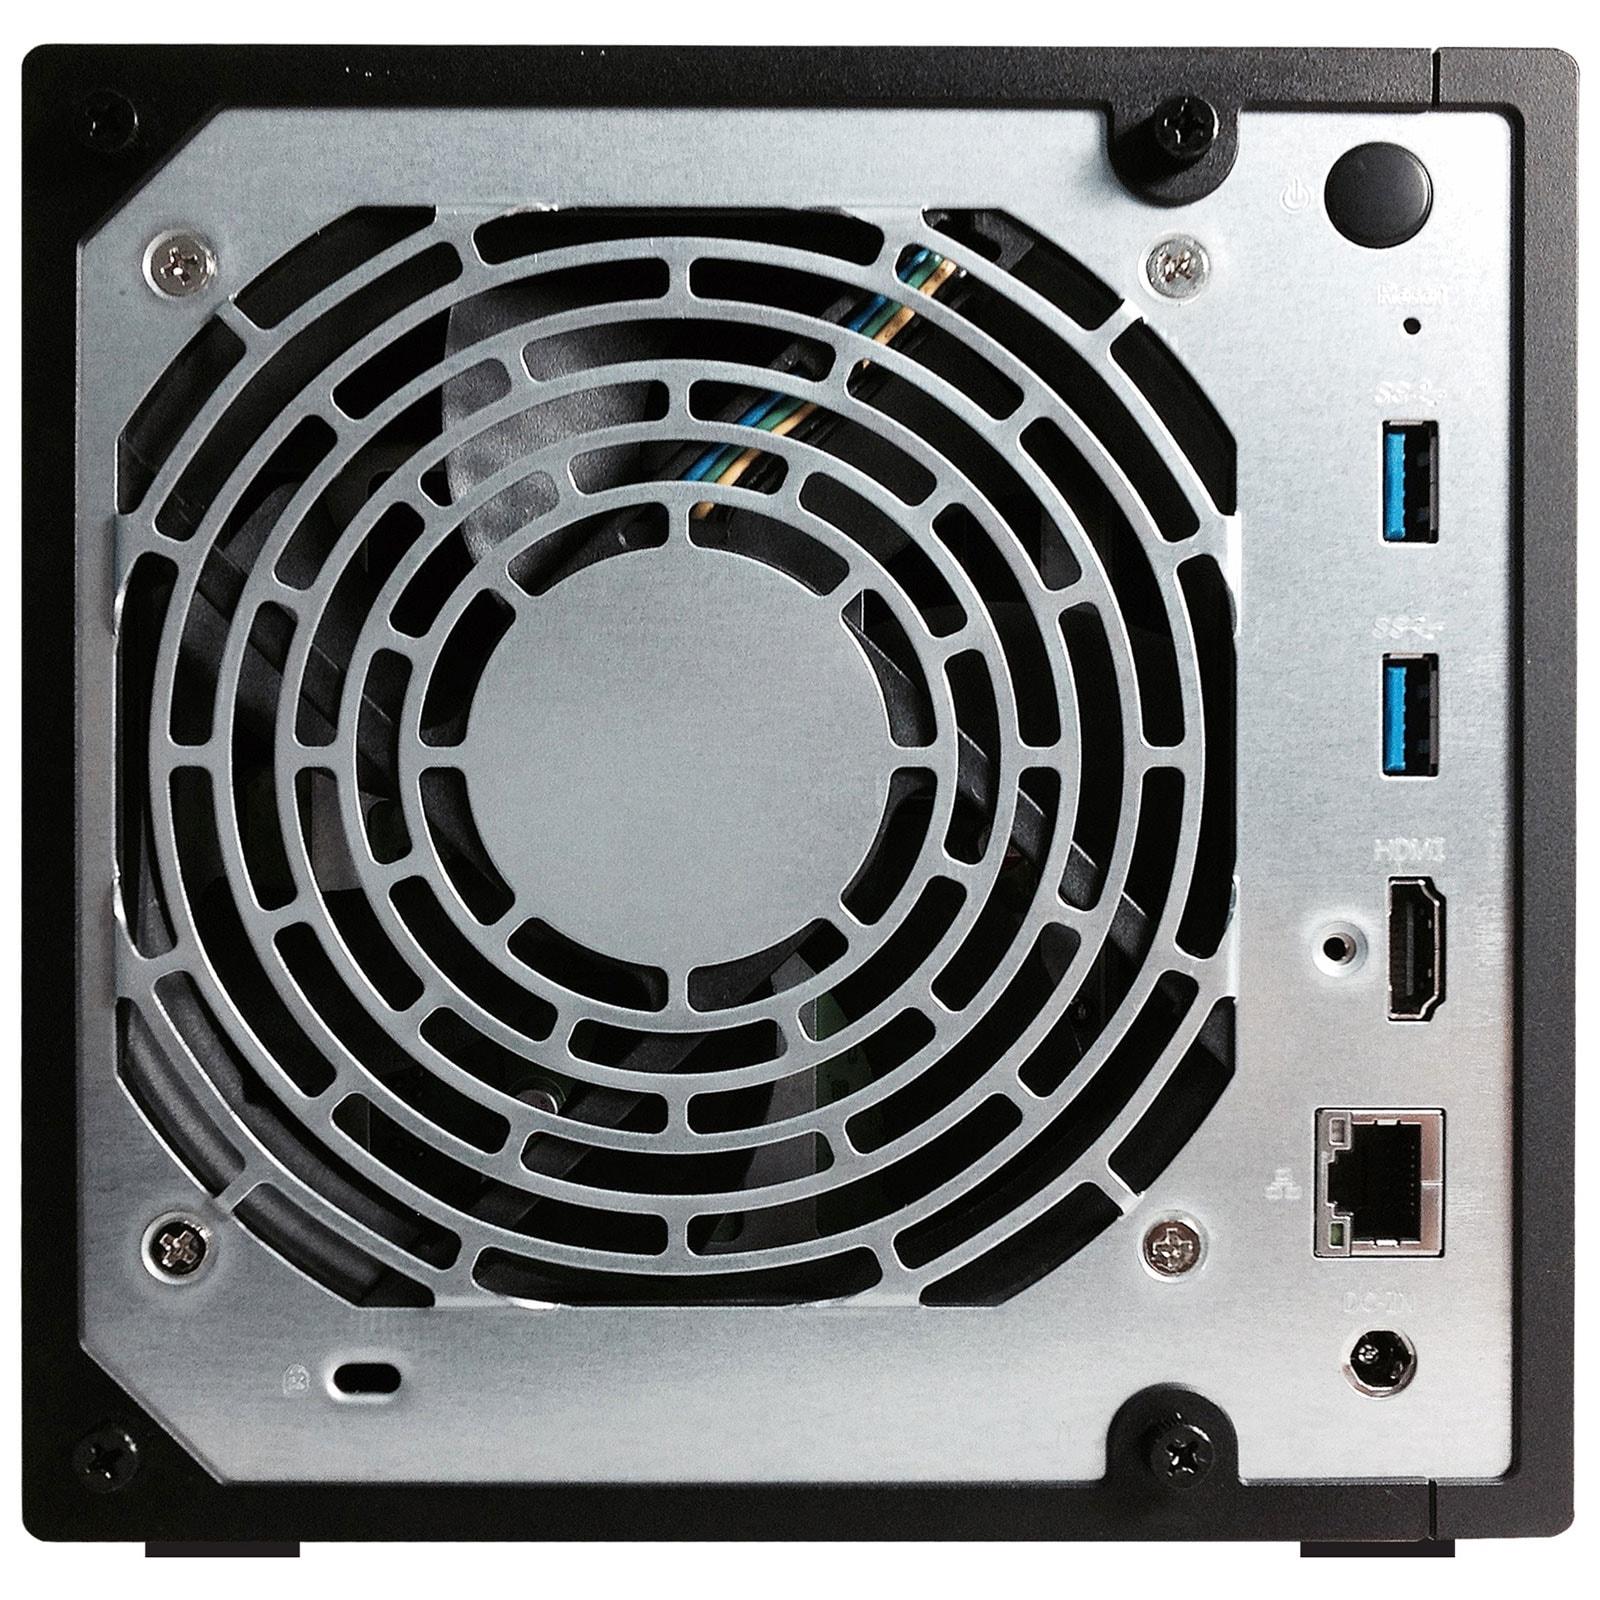 Asustor AS3204T - 4 HDD - Serveur NAS Asustor - Cybertek.fr - 1